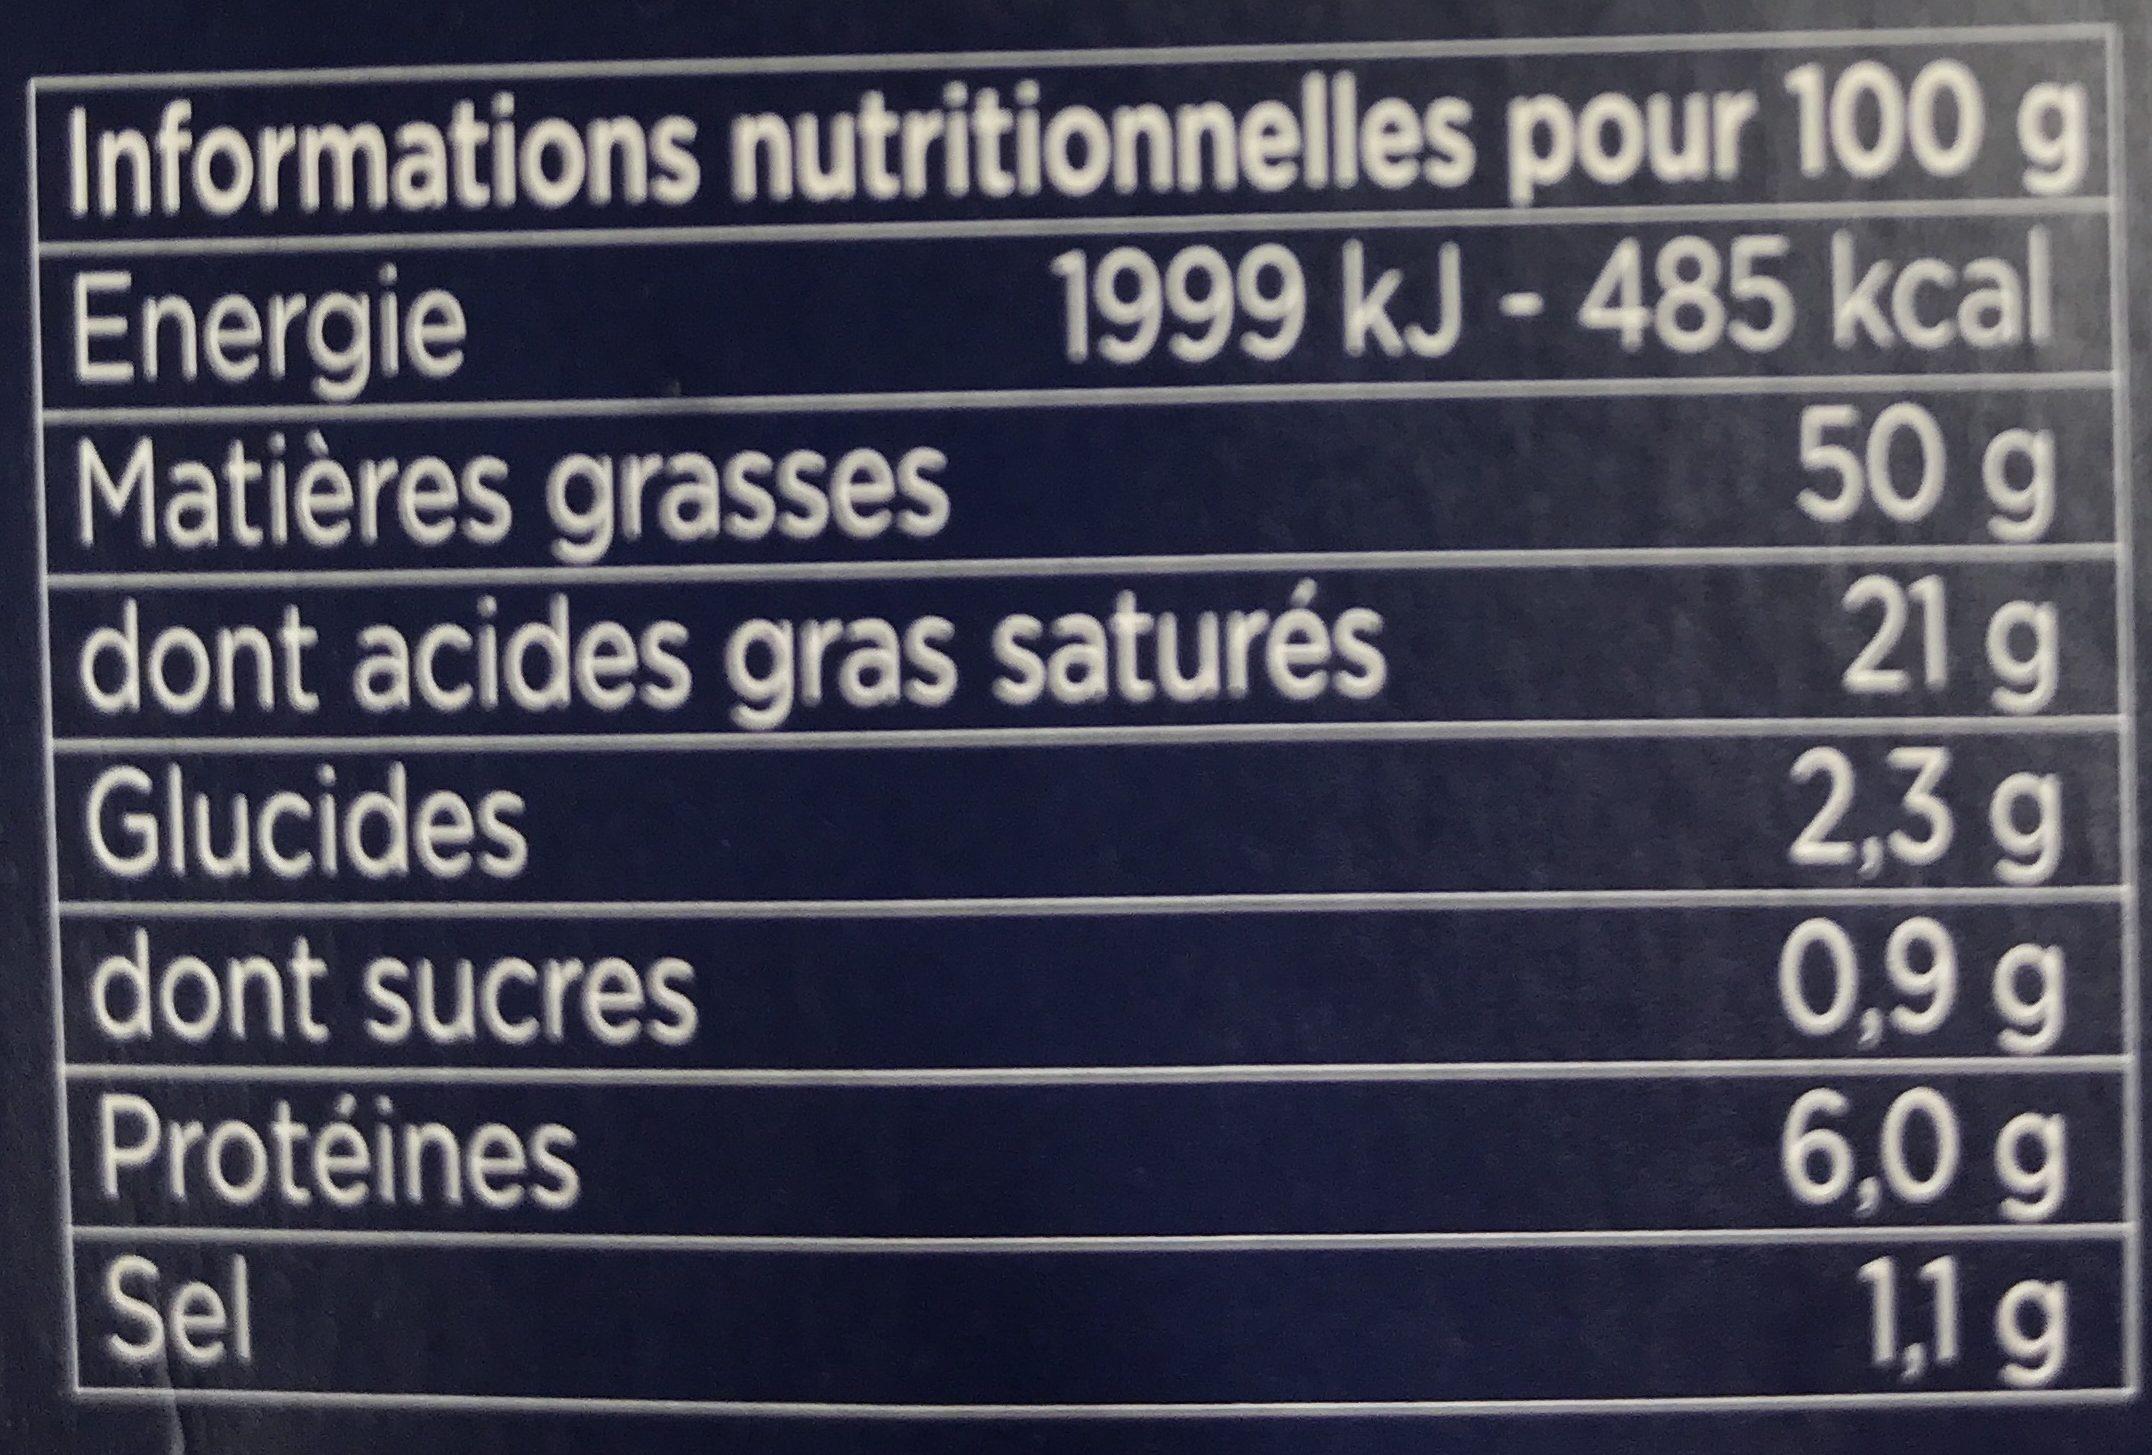 Bloc de foie gras de canard - Nutrition facts